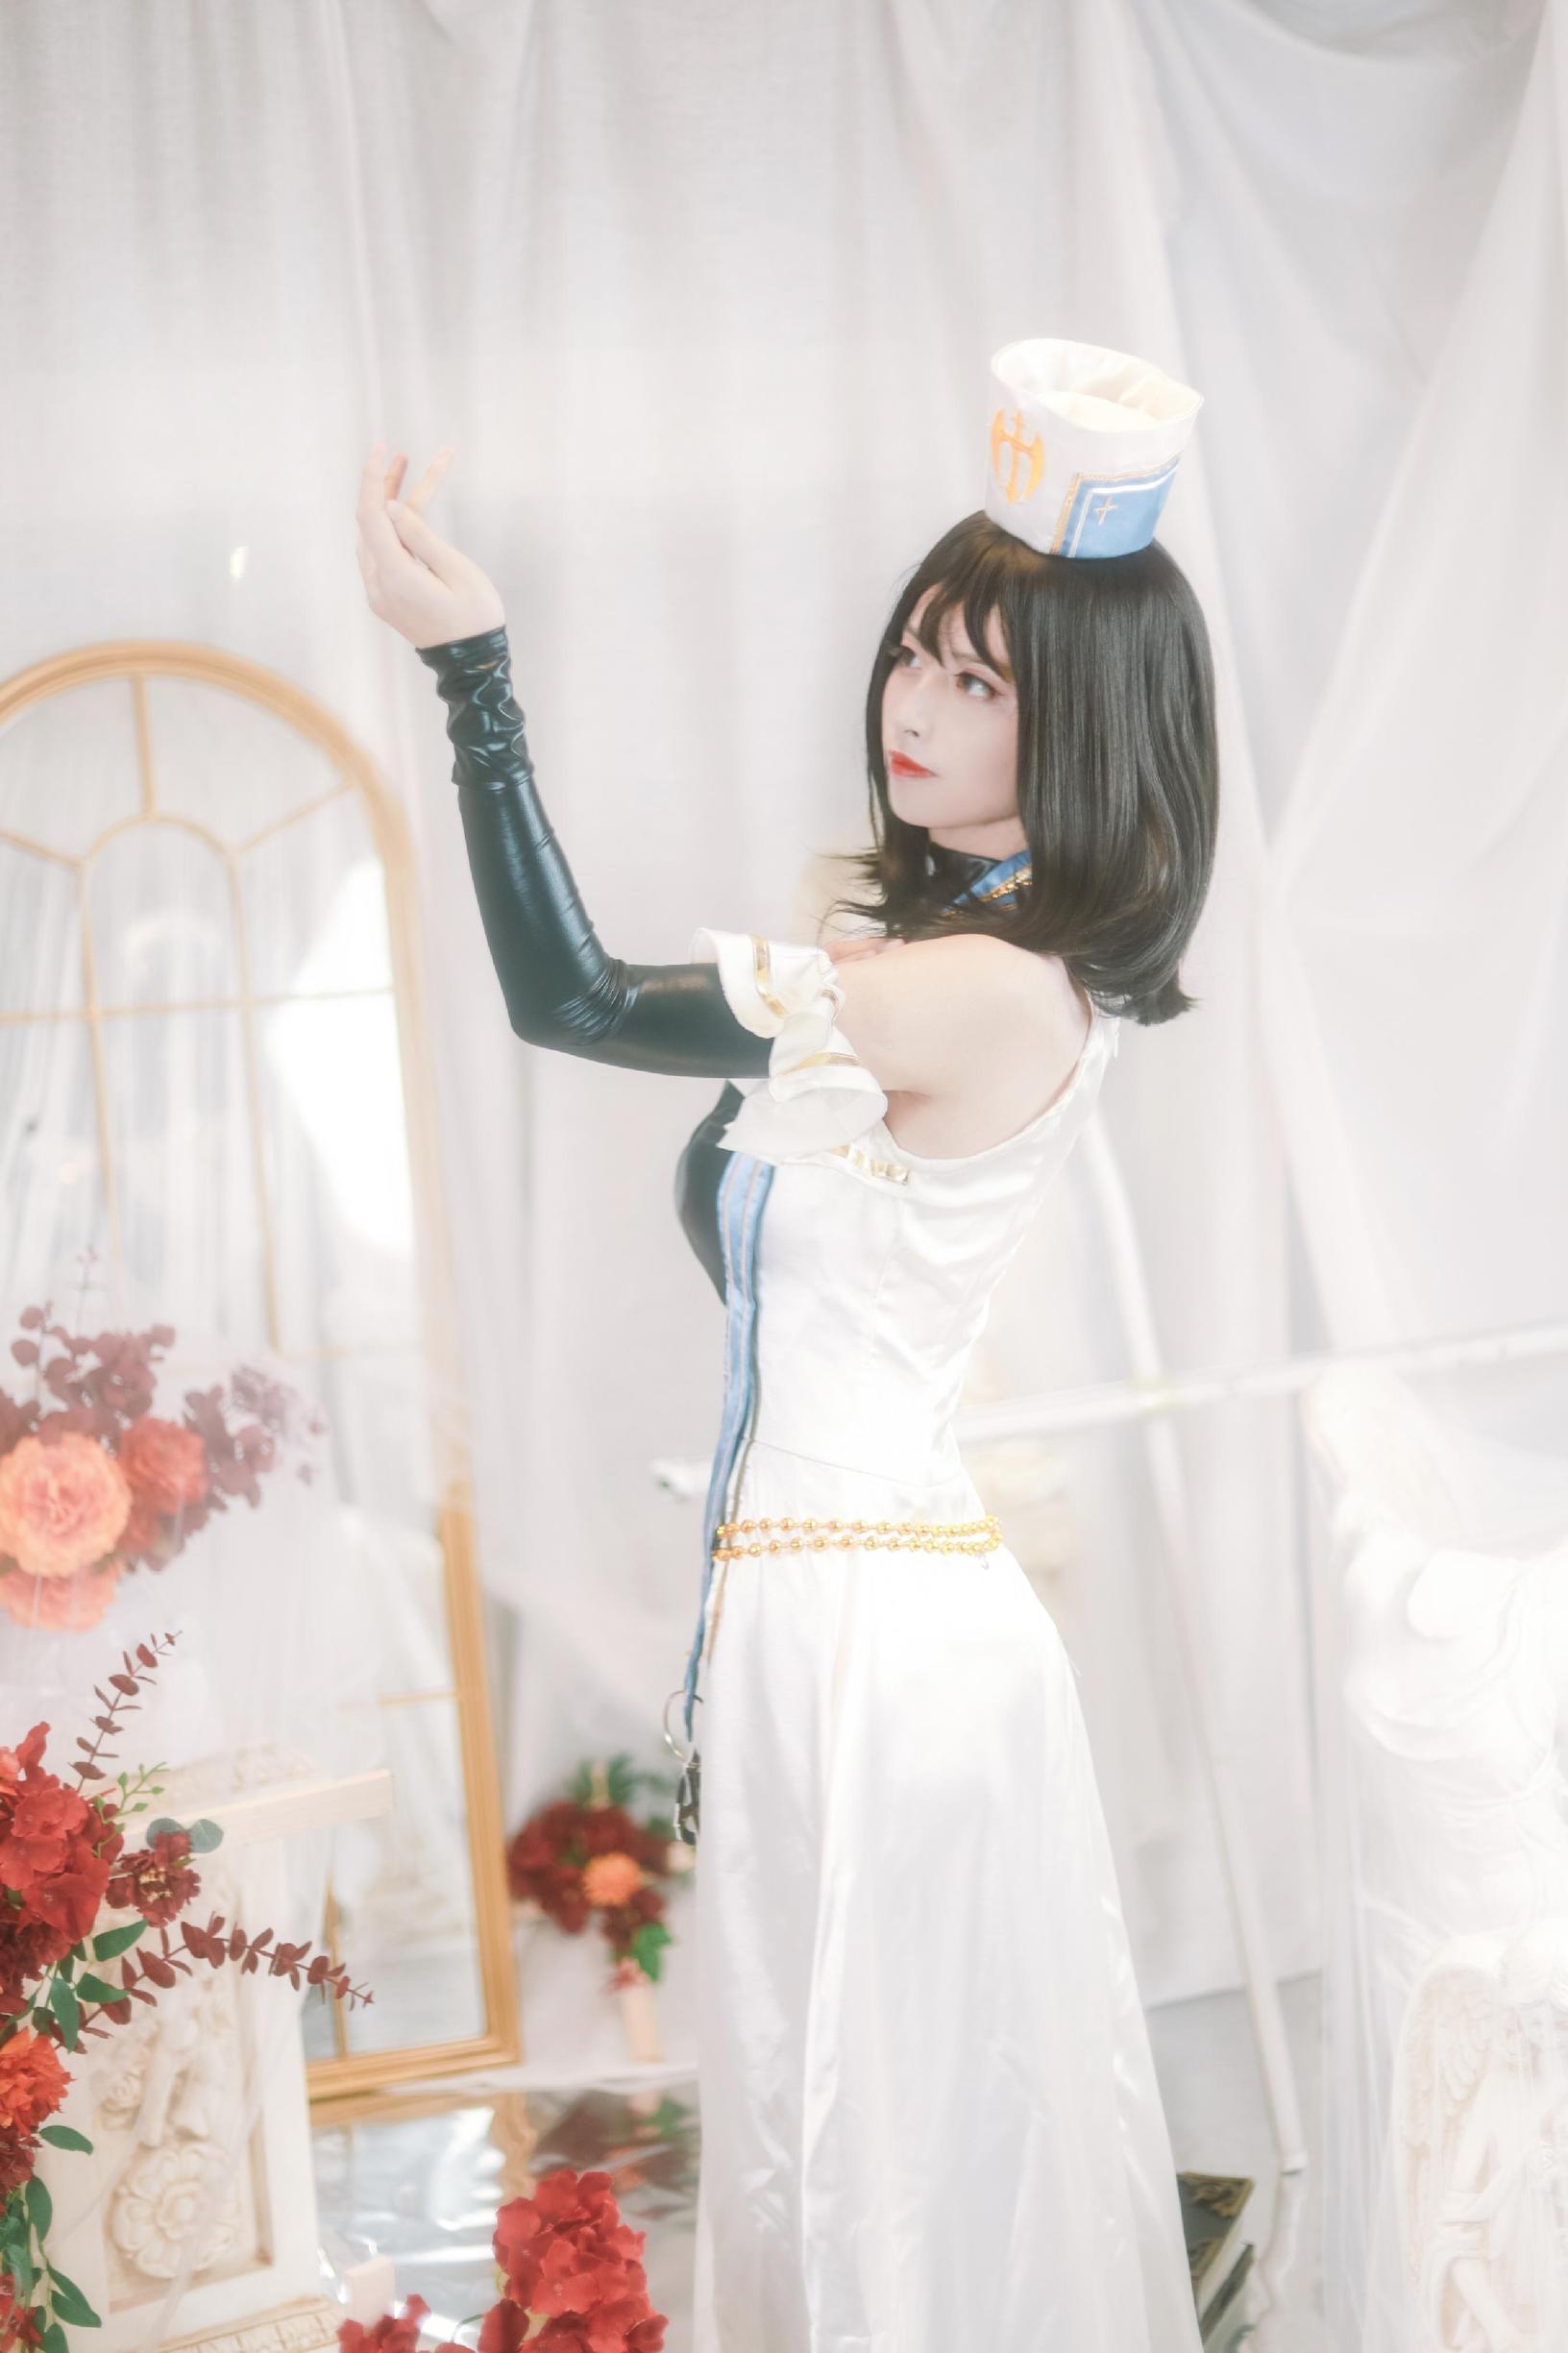 《地下城与勇士》正片cosplay【CN:coser安歌】-第2张